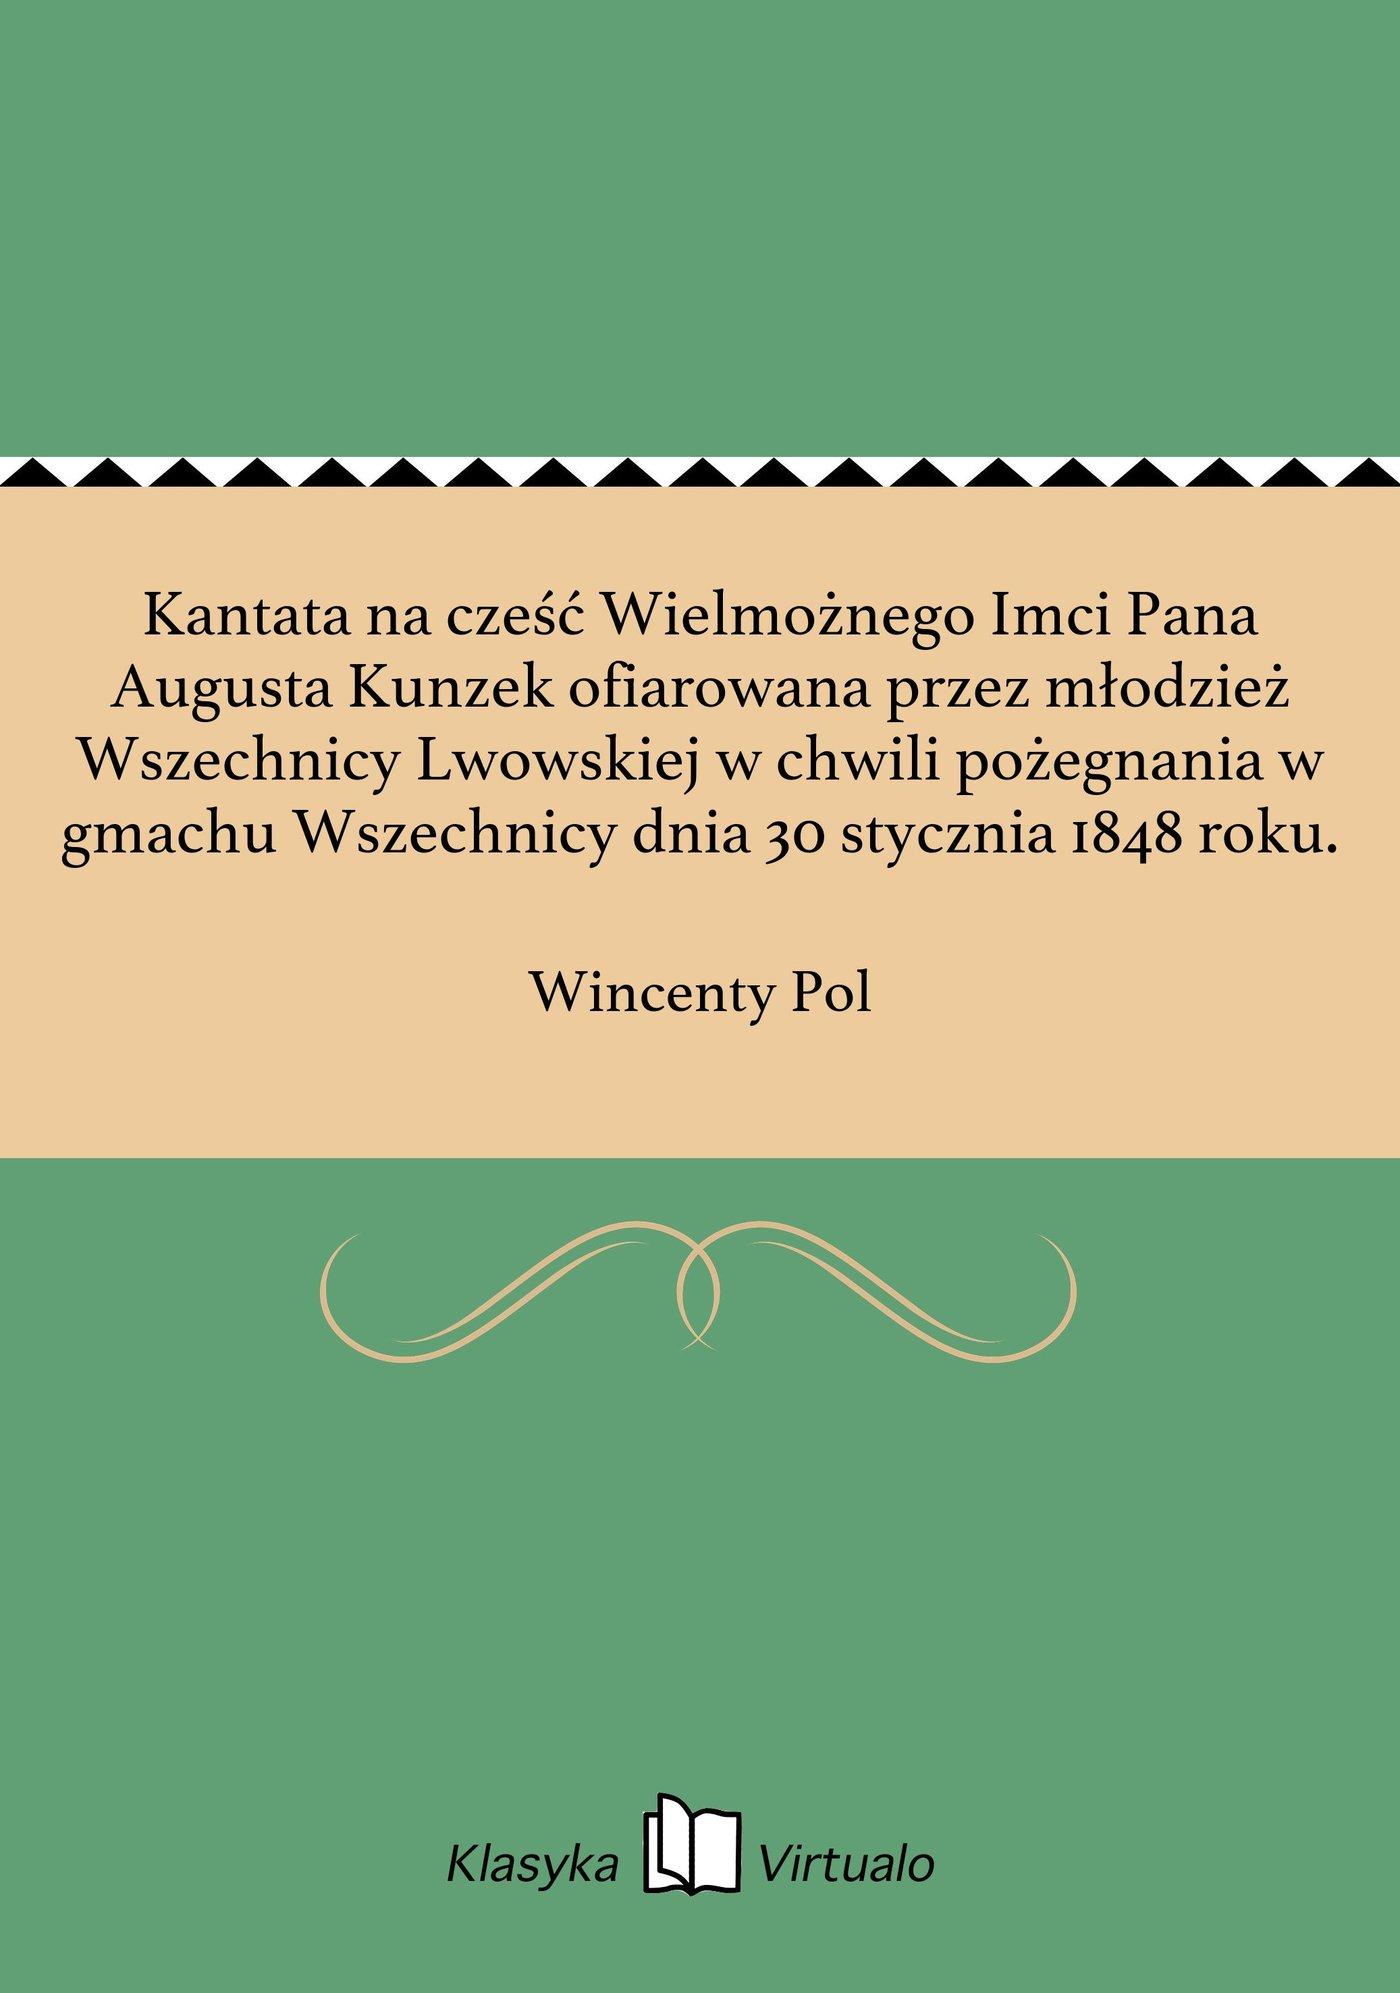 Kantata na cześć Wielmożnego Imci Pana Augusta Kunzek ofiarowana przez młodzież Wszechnicy Lwowskiej w chwili pożegnania w gmachu Wszechnicy dnia 30 stycznia 1848 roku. - Ebook (Książka na Kindle) do pobrania w formacie MOBI